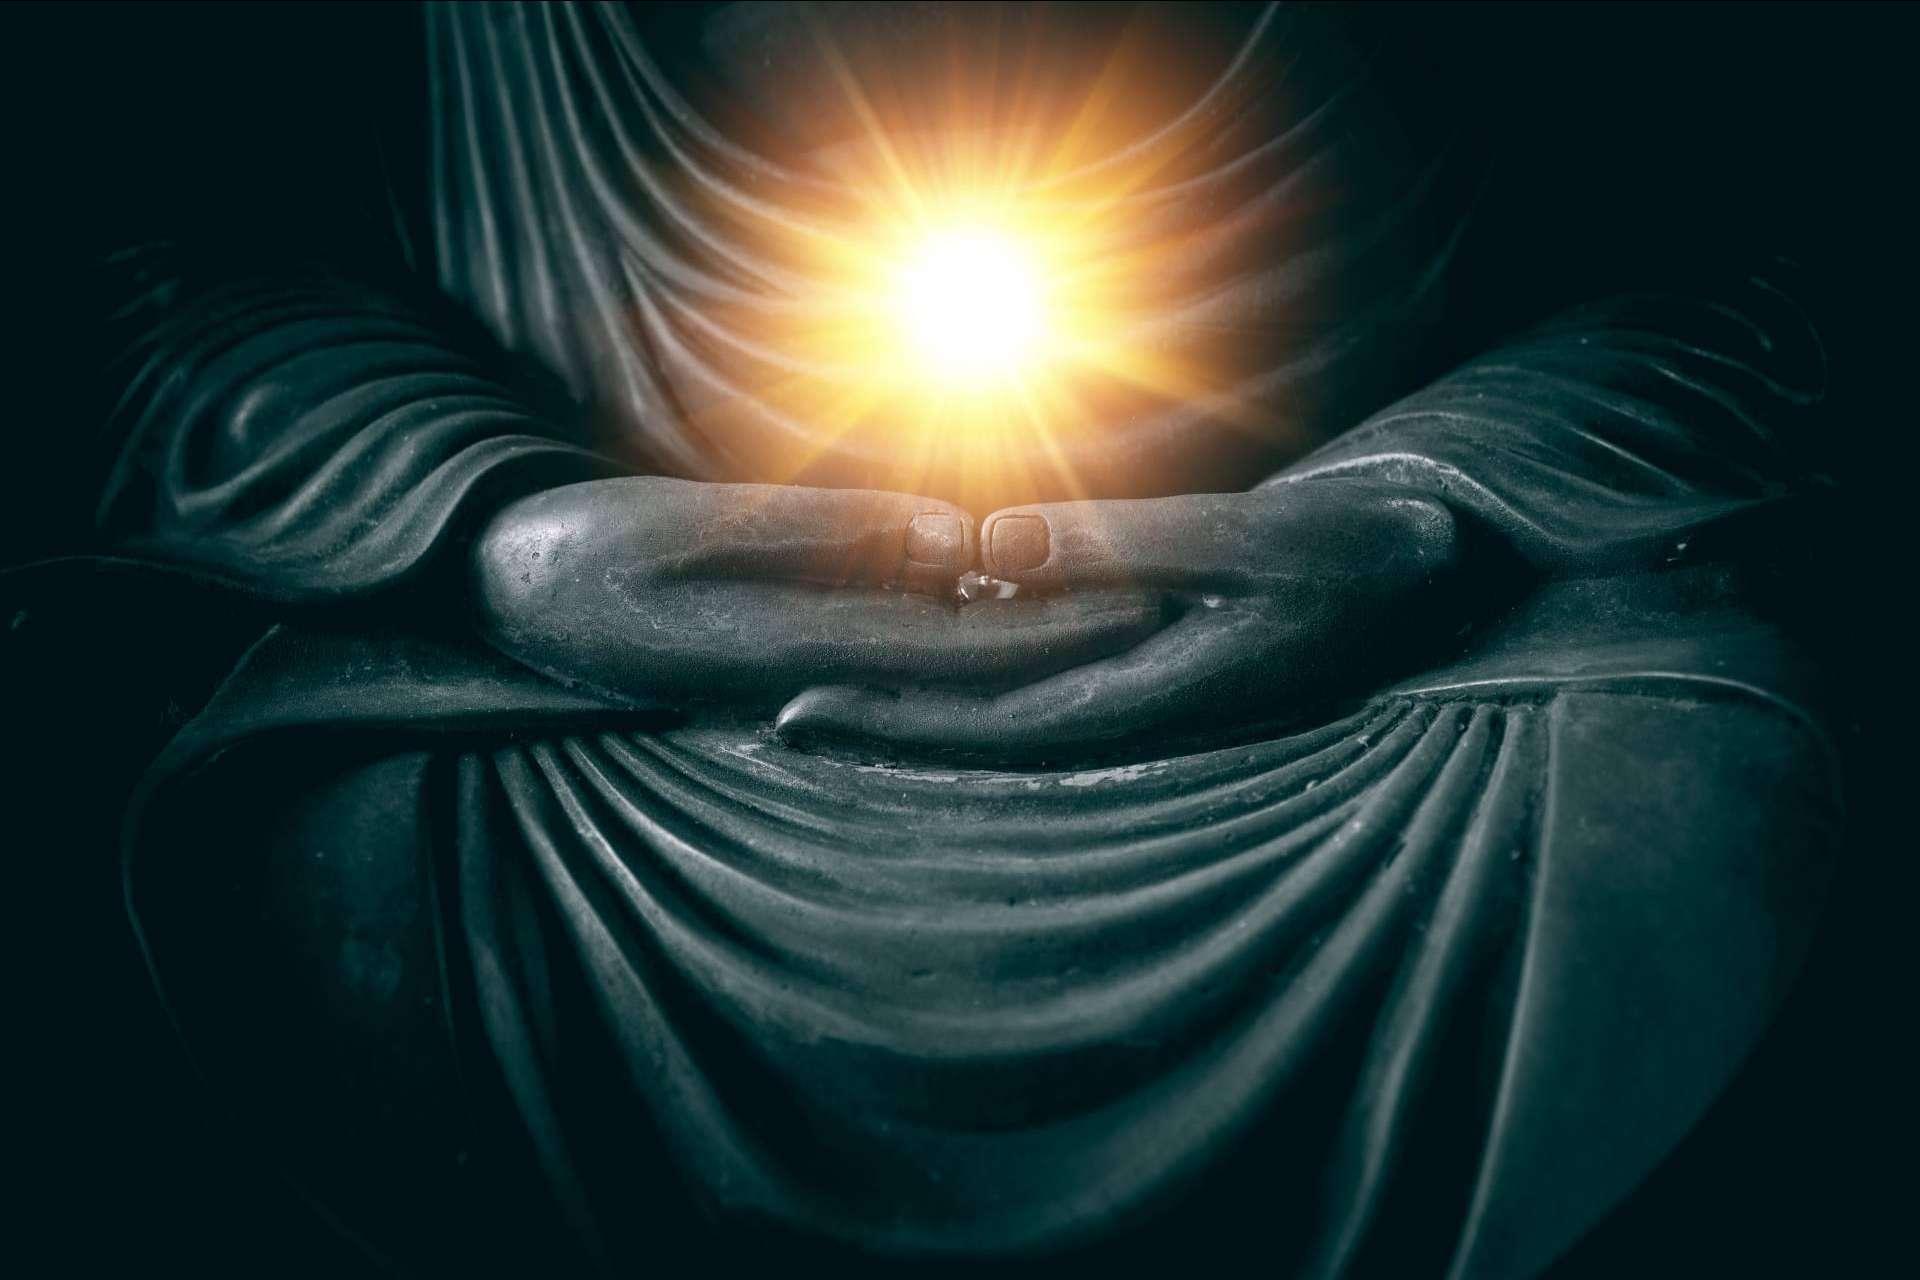 Astros7: ¿Dónde obtener orientación espiritual con videntes profesionales?